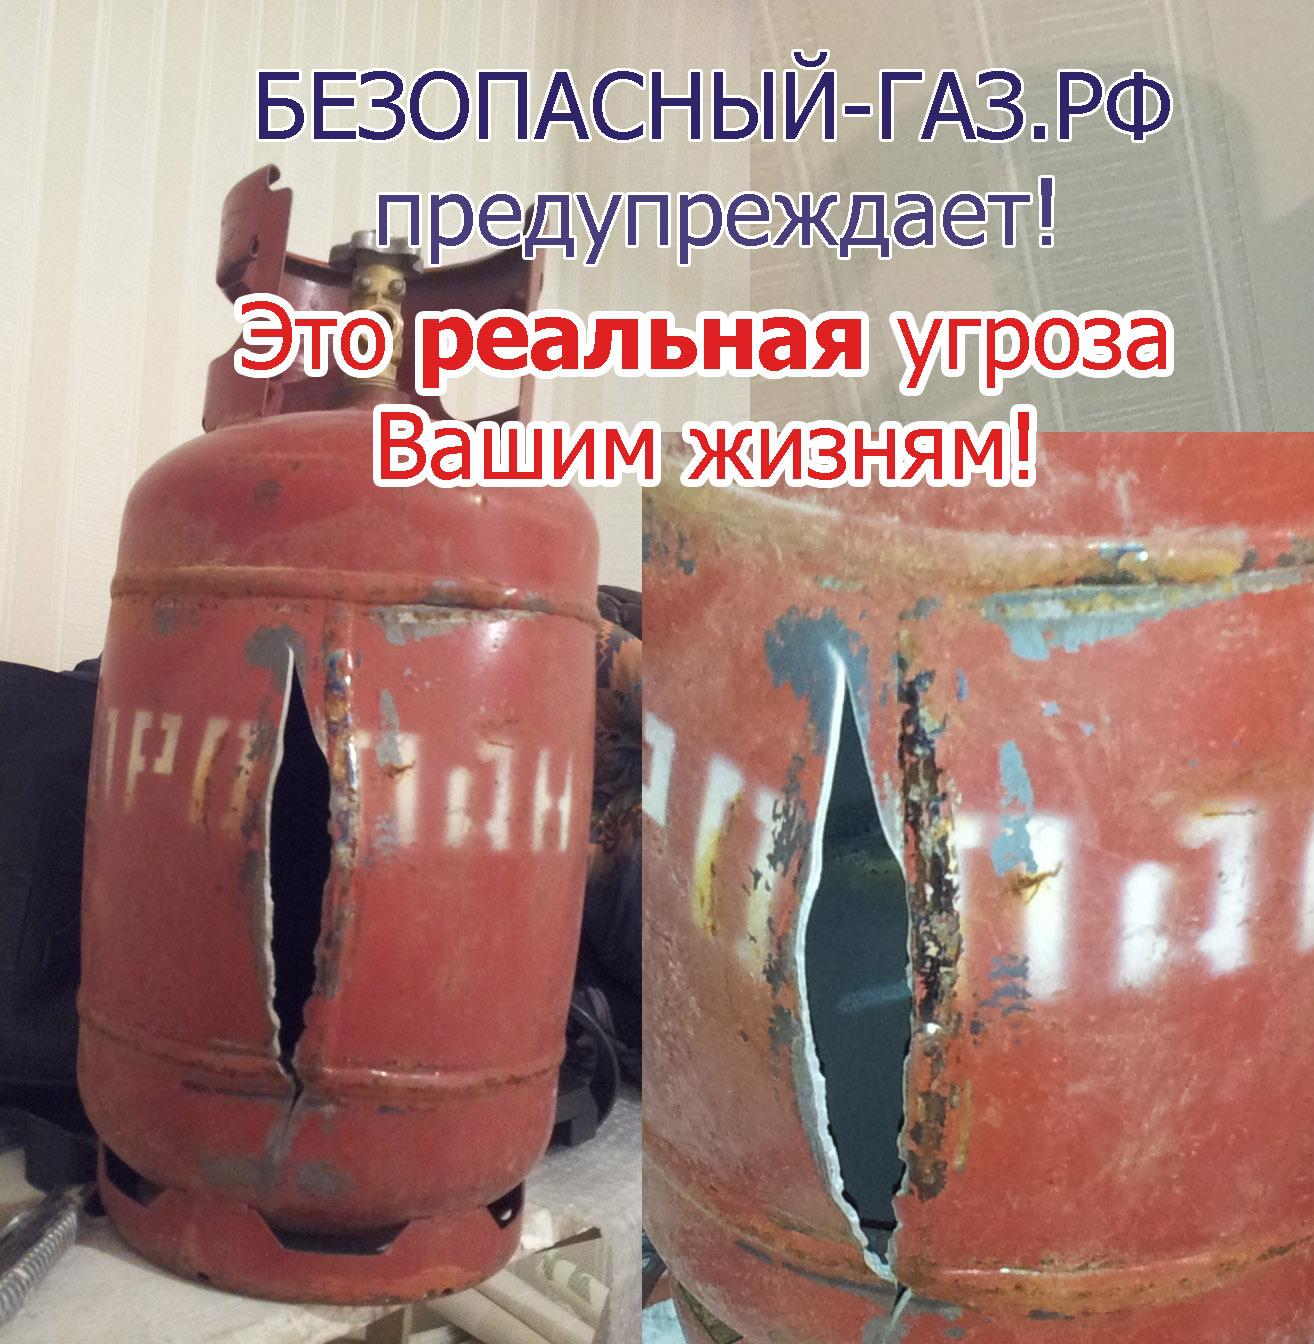 Отопление дома газовыми баллонами - фото и видео, цена и 93